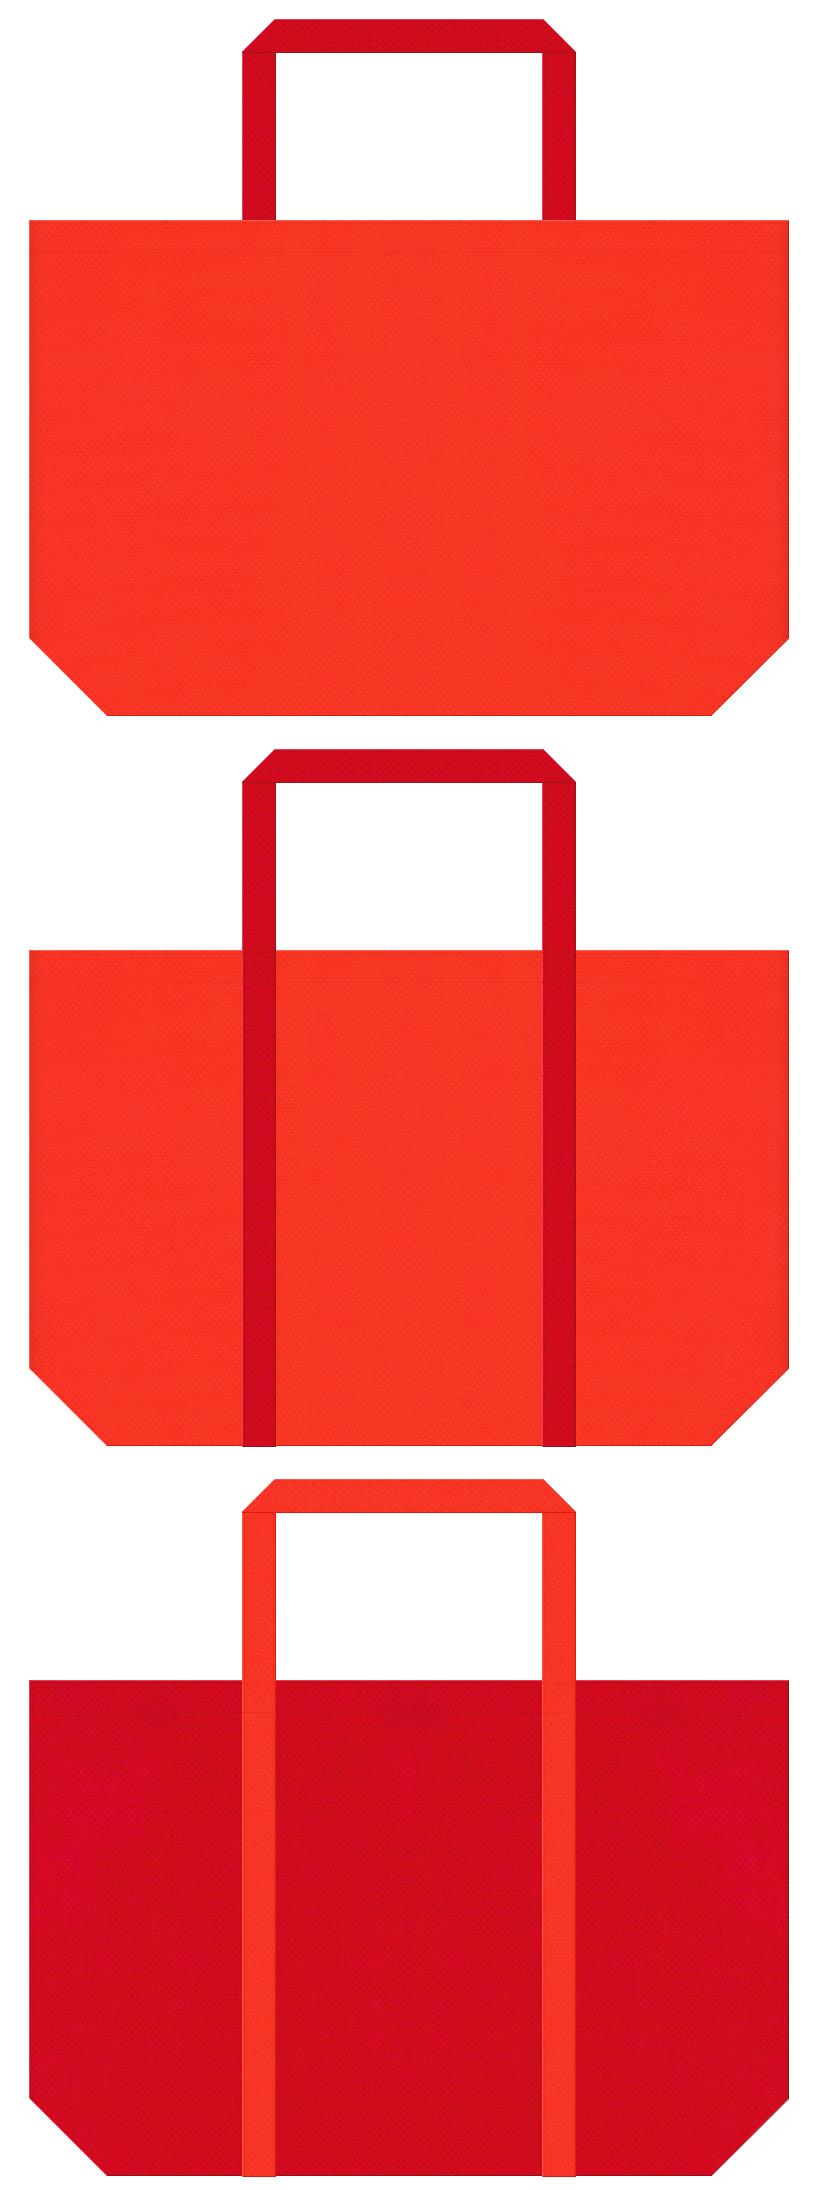 タバスコ・ラー油・サプリメント・太陽・エネルギー・暖房器具・スポーツ・キャンプ・バーベキュー・アウトドア・紅葉・観光・秋のイベントにお奨めの不織布バッグデザイン:オレンジ色と紅色のコーデ